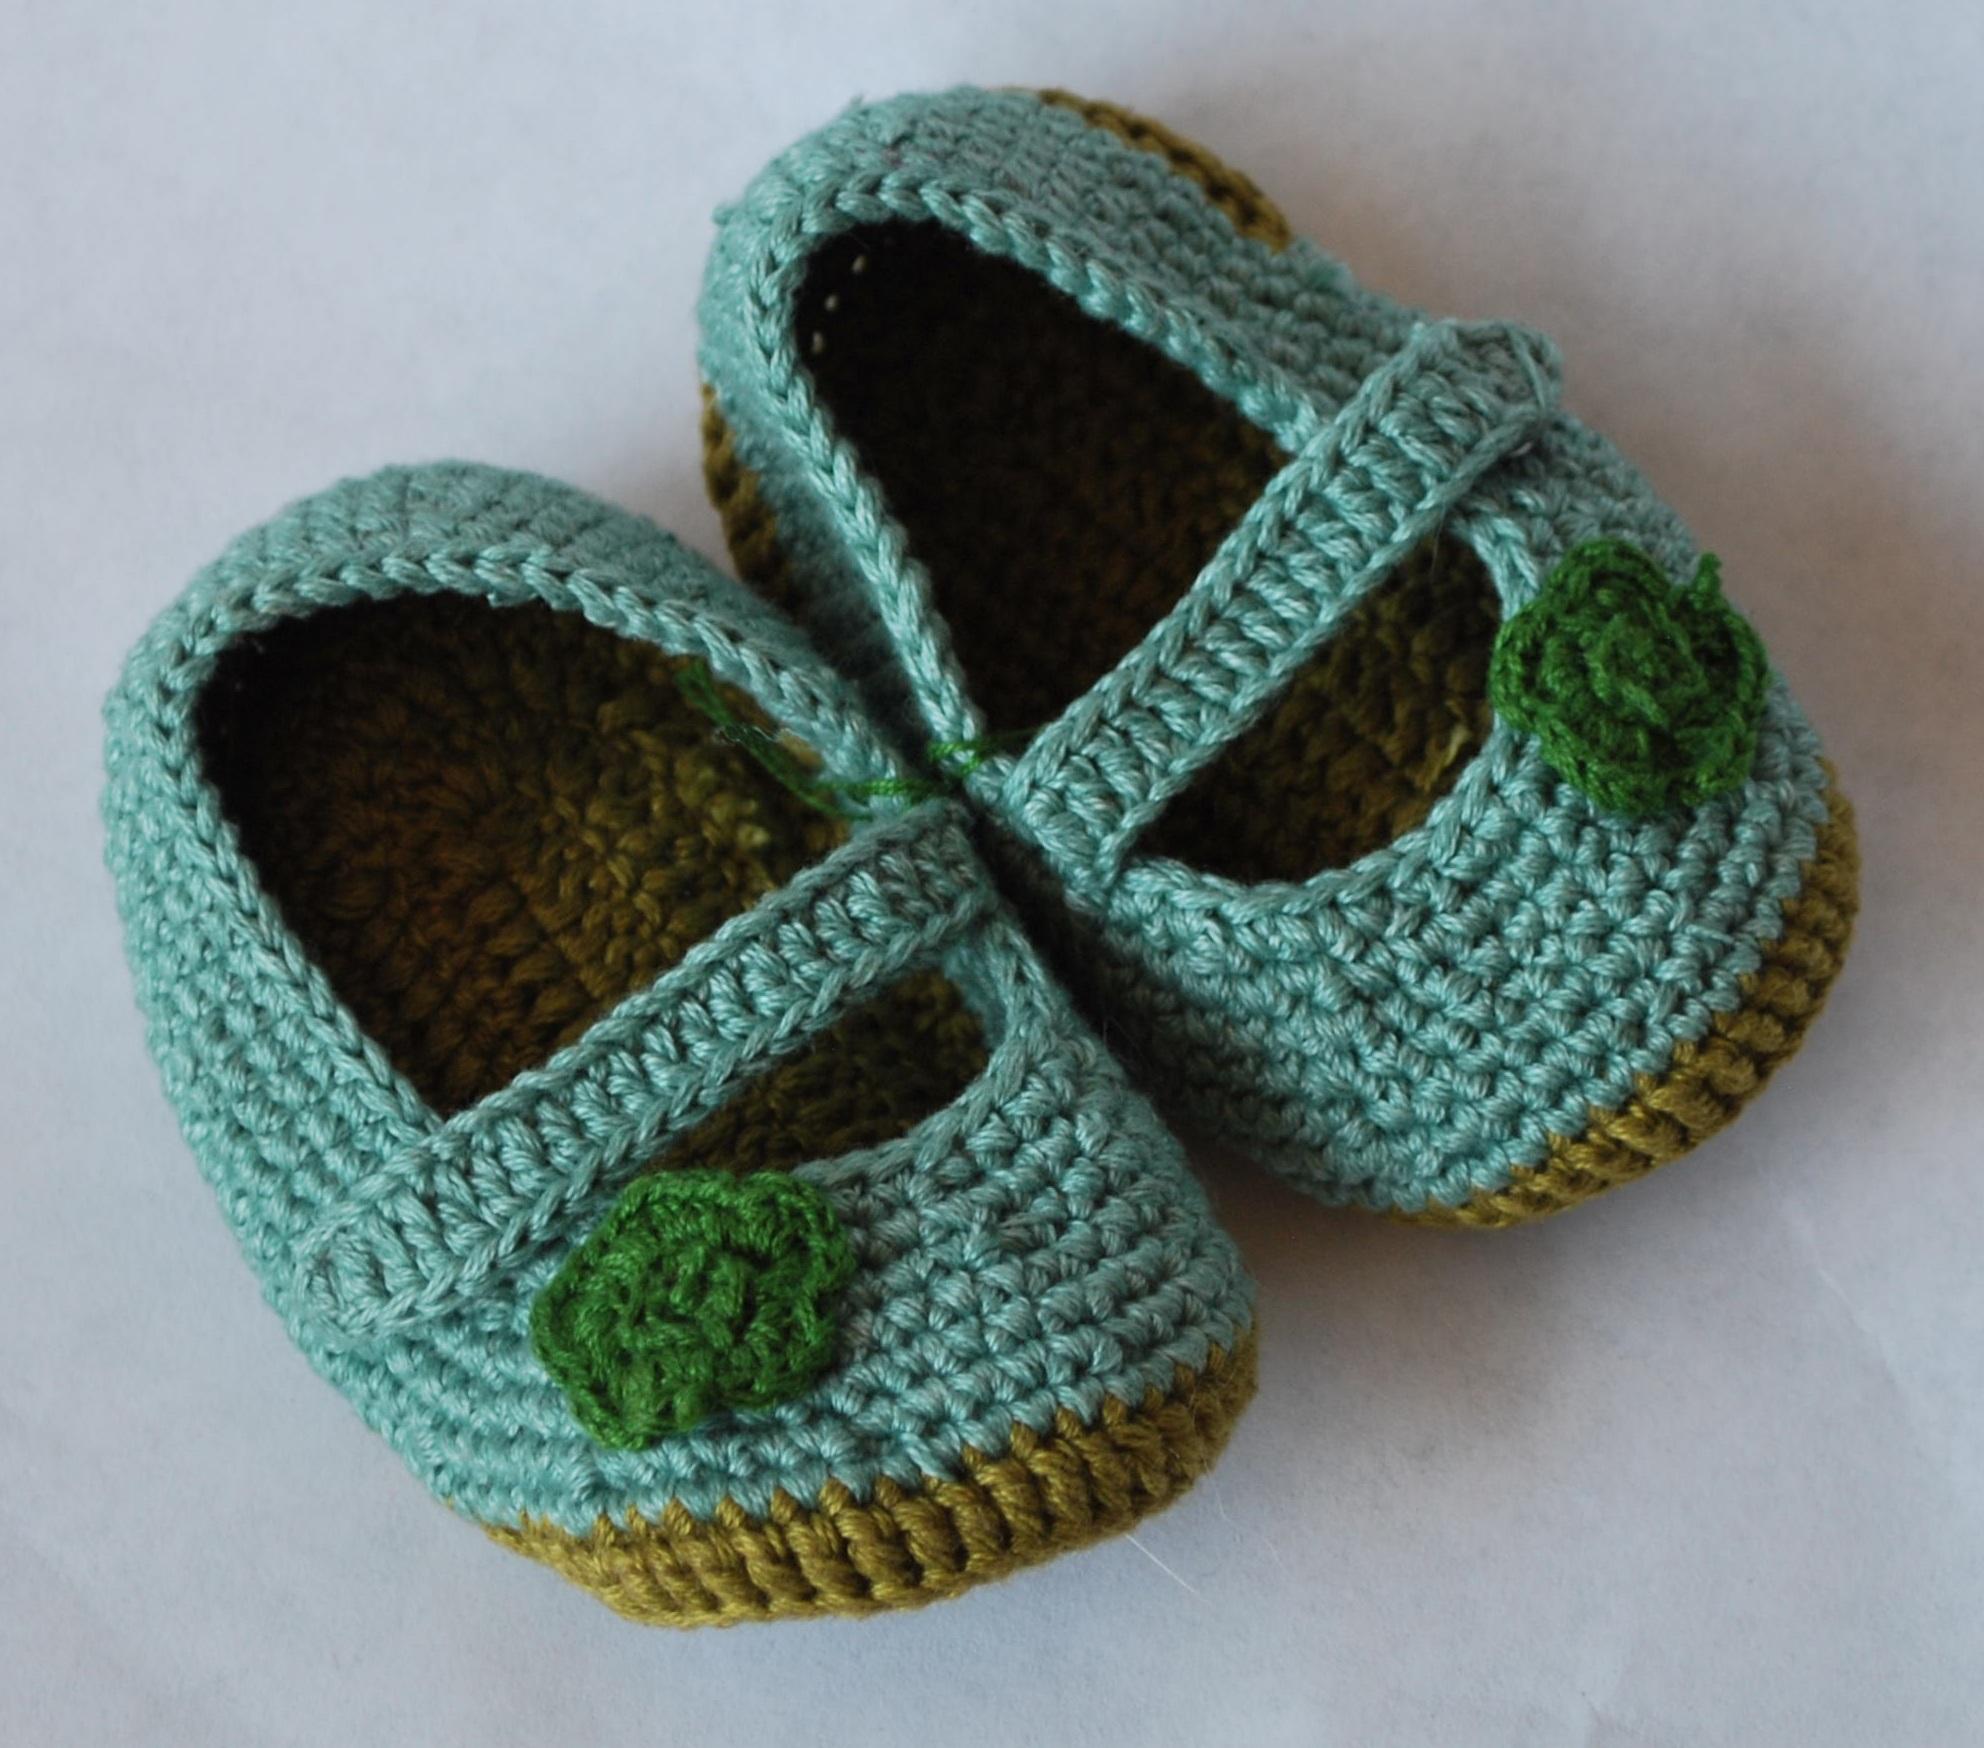 Kostenlose foto : Schuh, Muster, Grün, blau, stricken, Kindheit ...